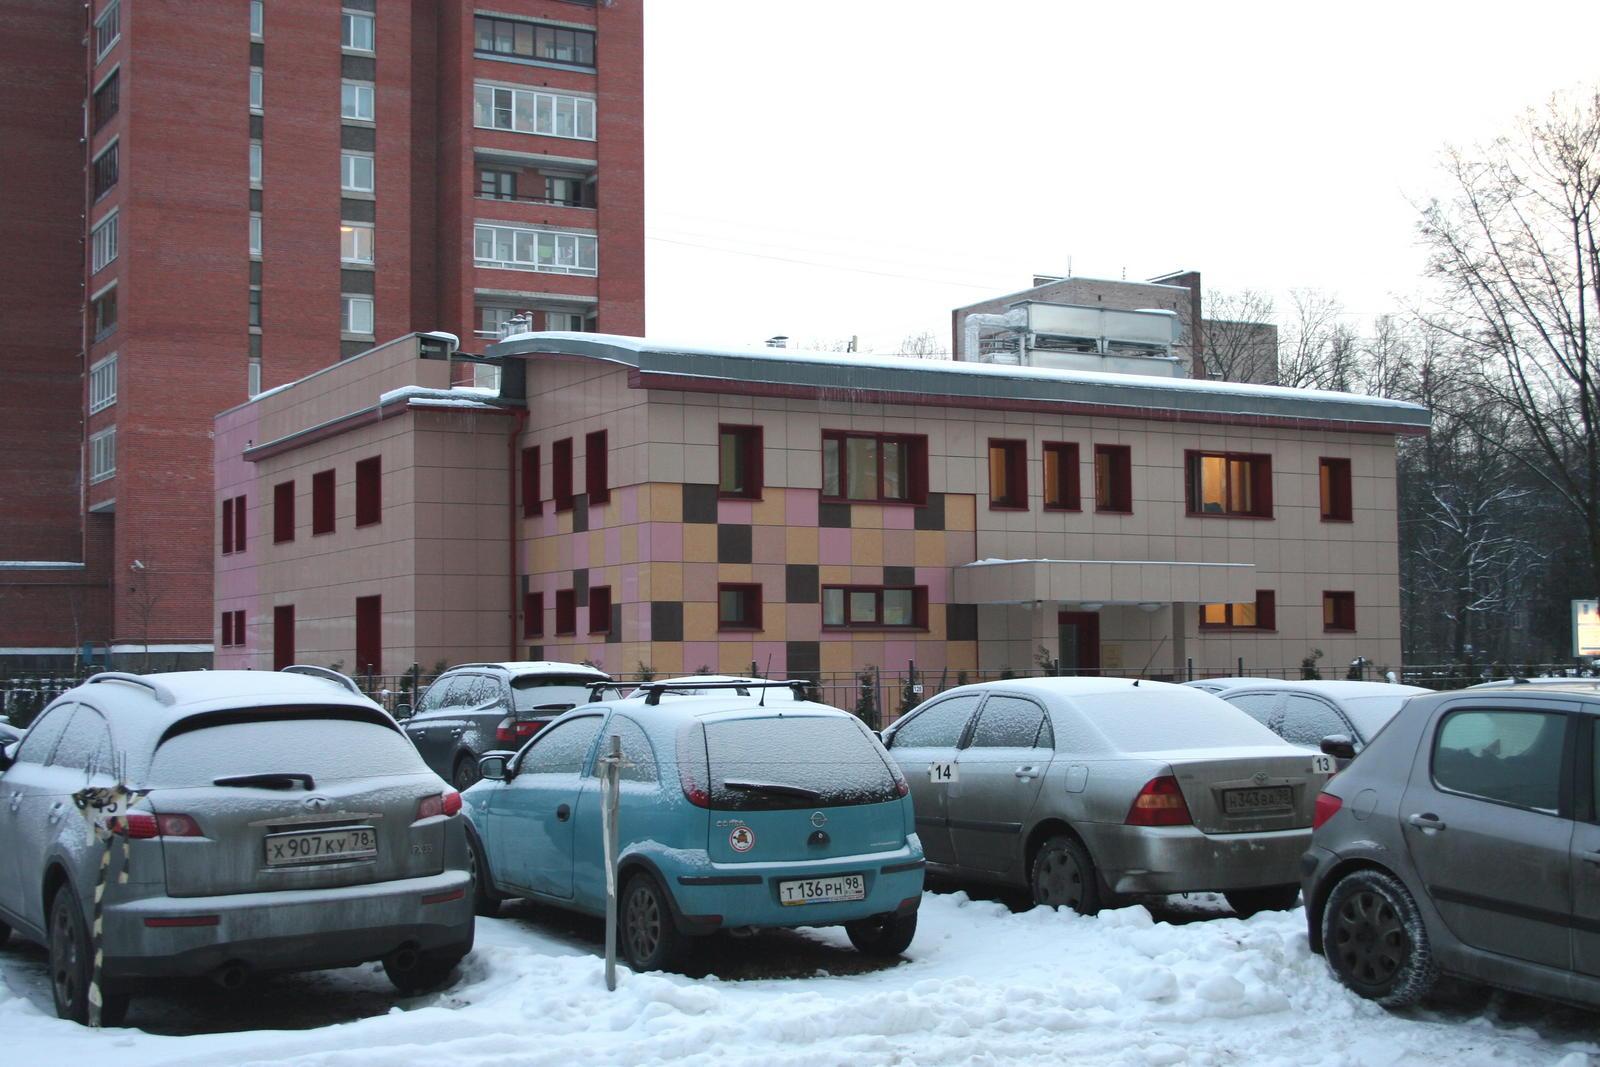 Реконструкция здания под медицинский центр пластической хирургии по адресу: СПб, пр.Энгельса, д.71,корпус 2, лит.Б.